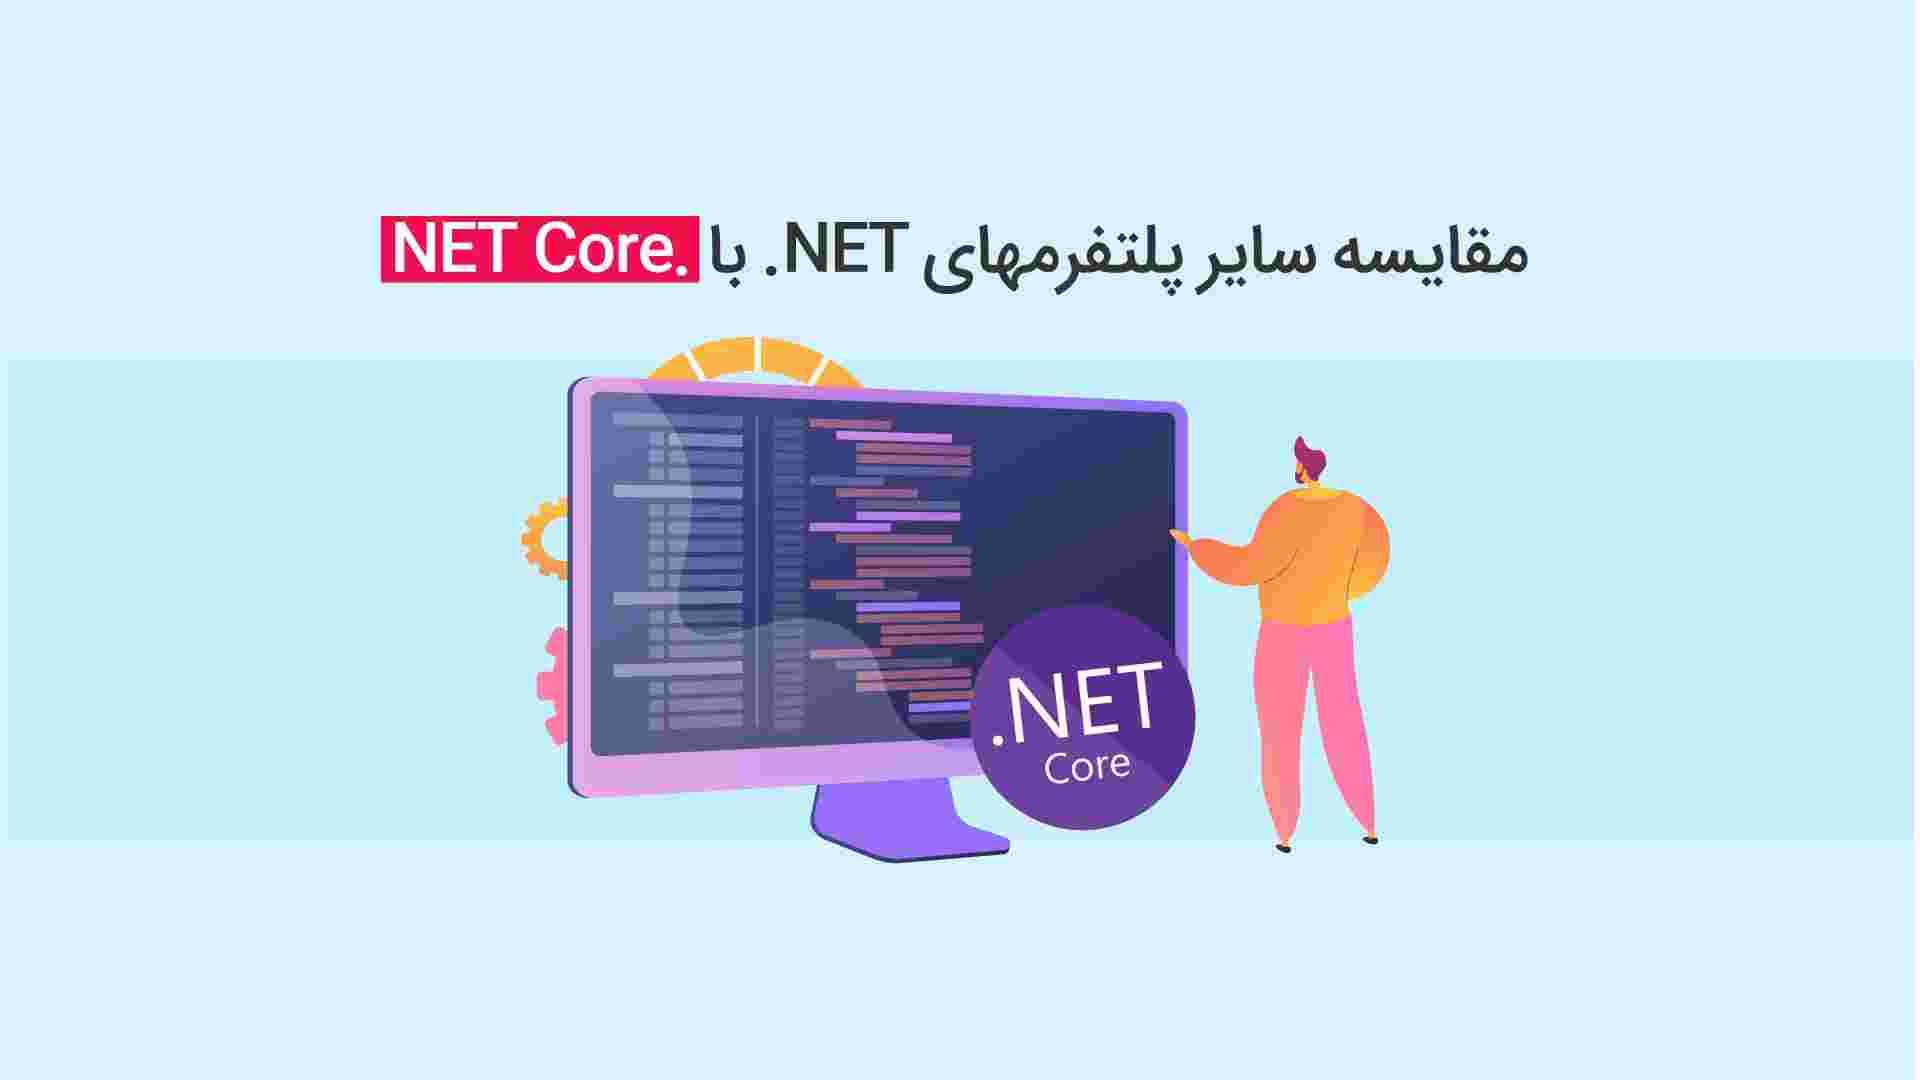 مقایسه NET. با. NET Core | معرفی تفاوتهای این دو پلتفرم